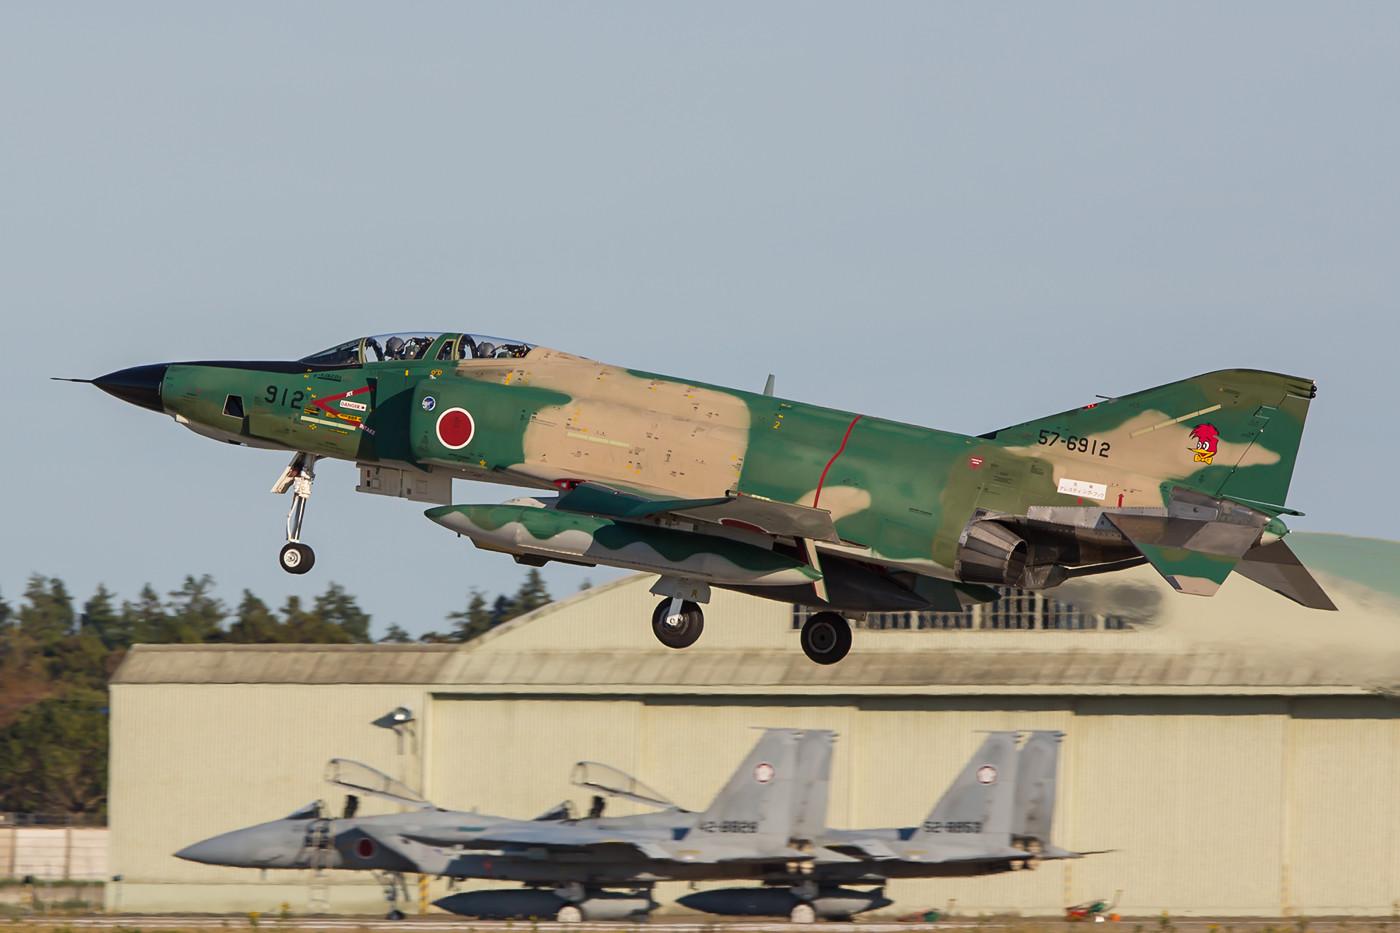 Hinter dieser landenen RF-4EJ Kai stehen die Maschinen der QRA.